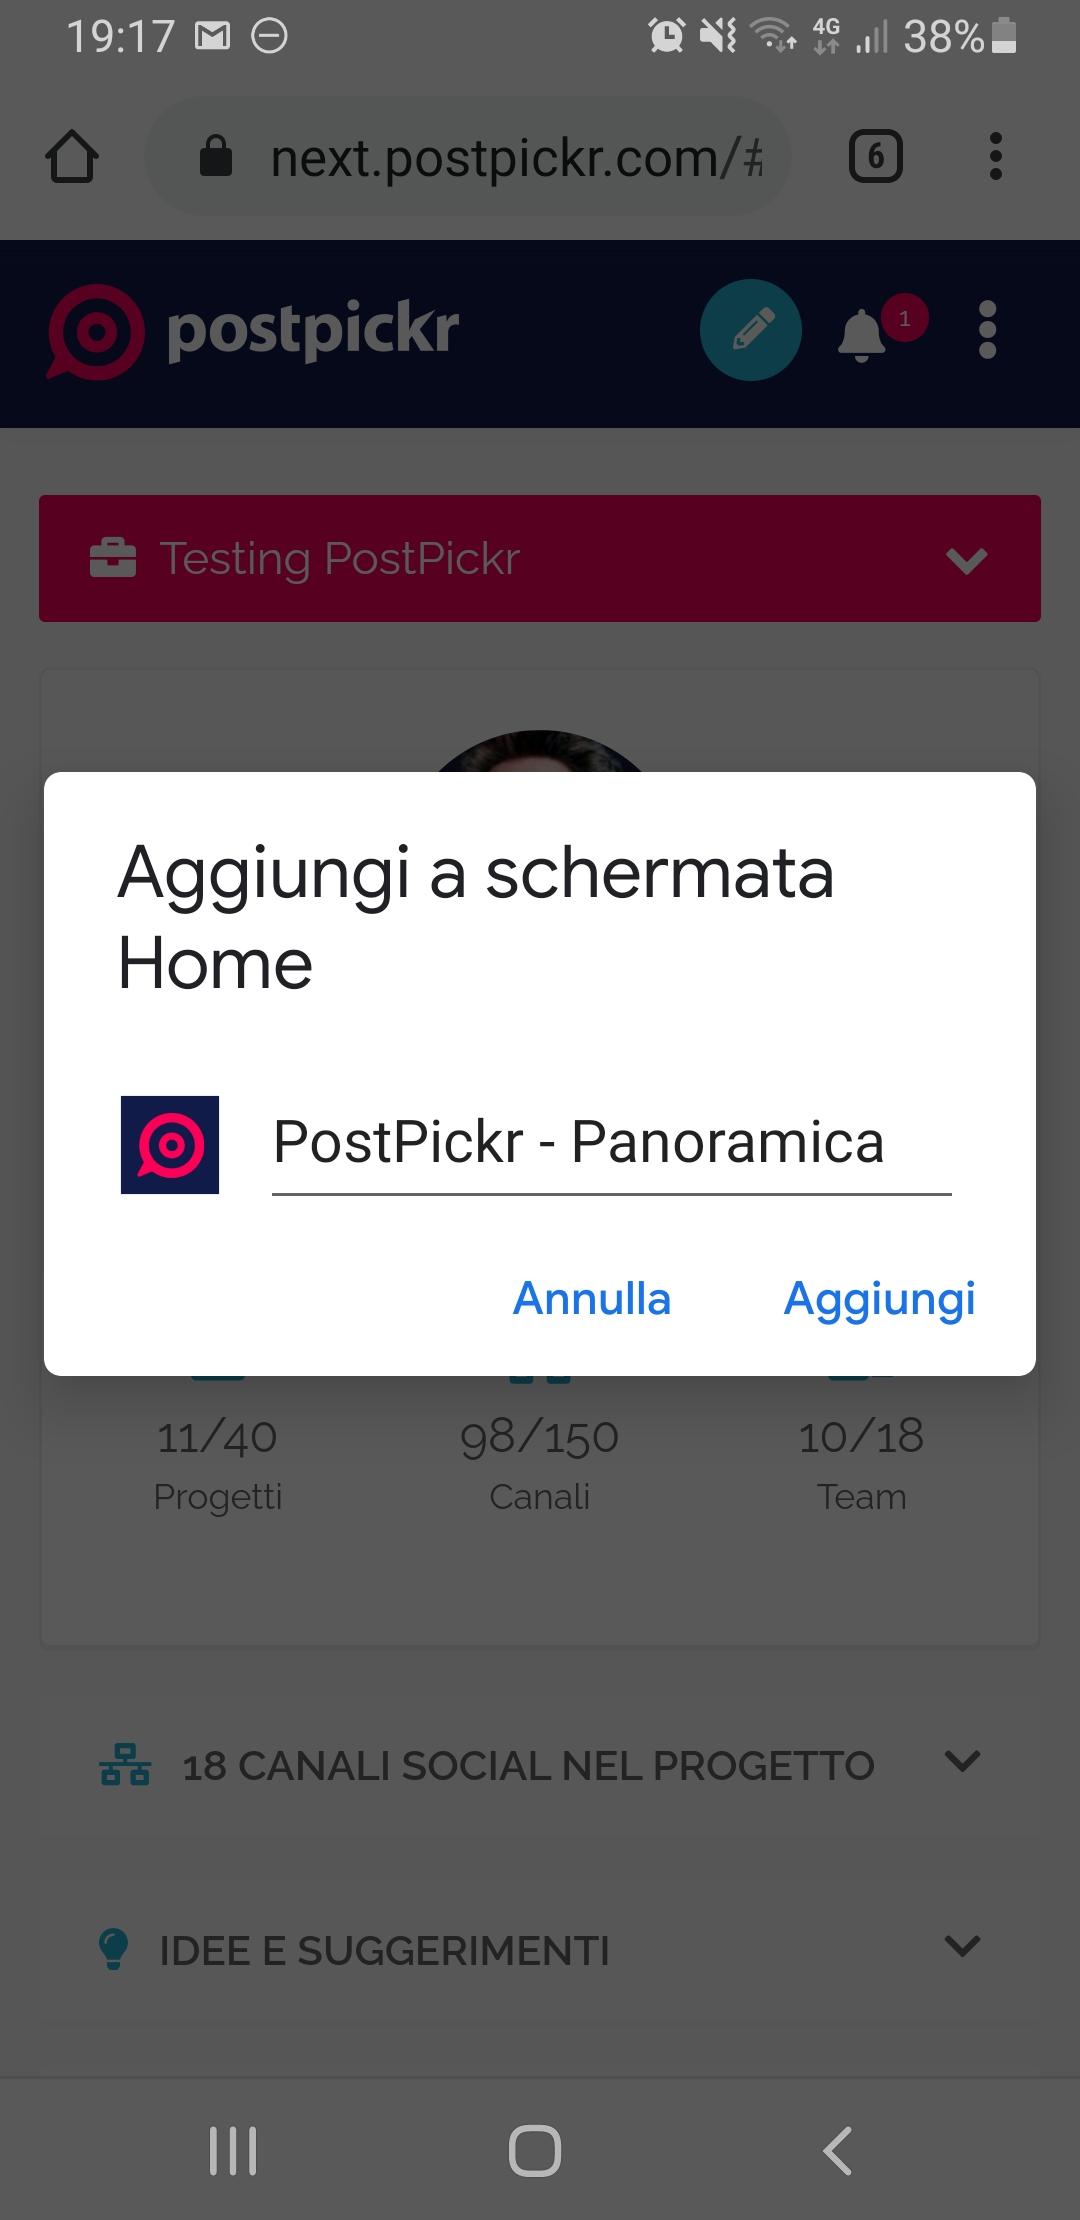 Menu delle opzioni del browser - Aggiungi a schermata Home